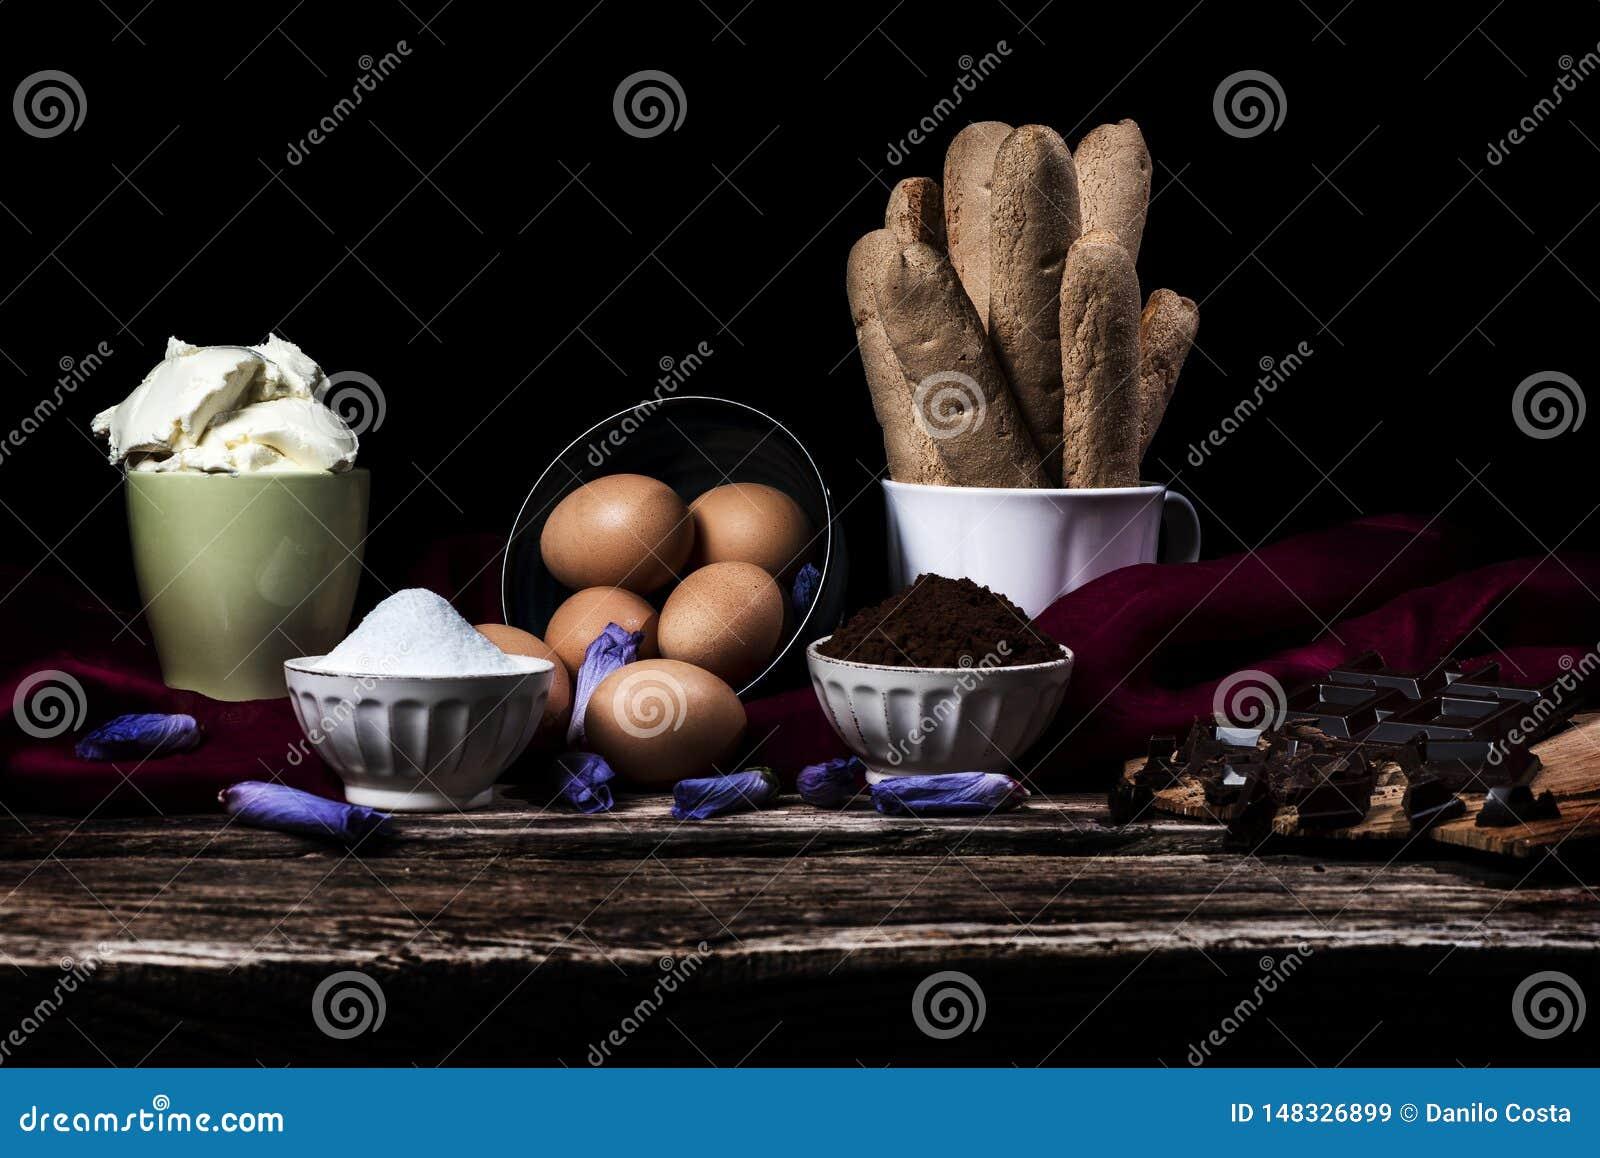 Ingredientes para el tiramisu, el chocolate, el café y el mascarpone italianos en un fondo negro